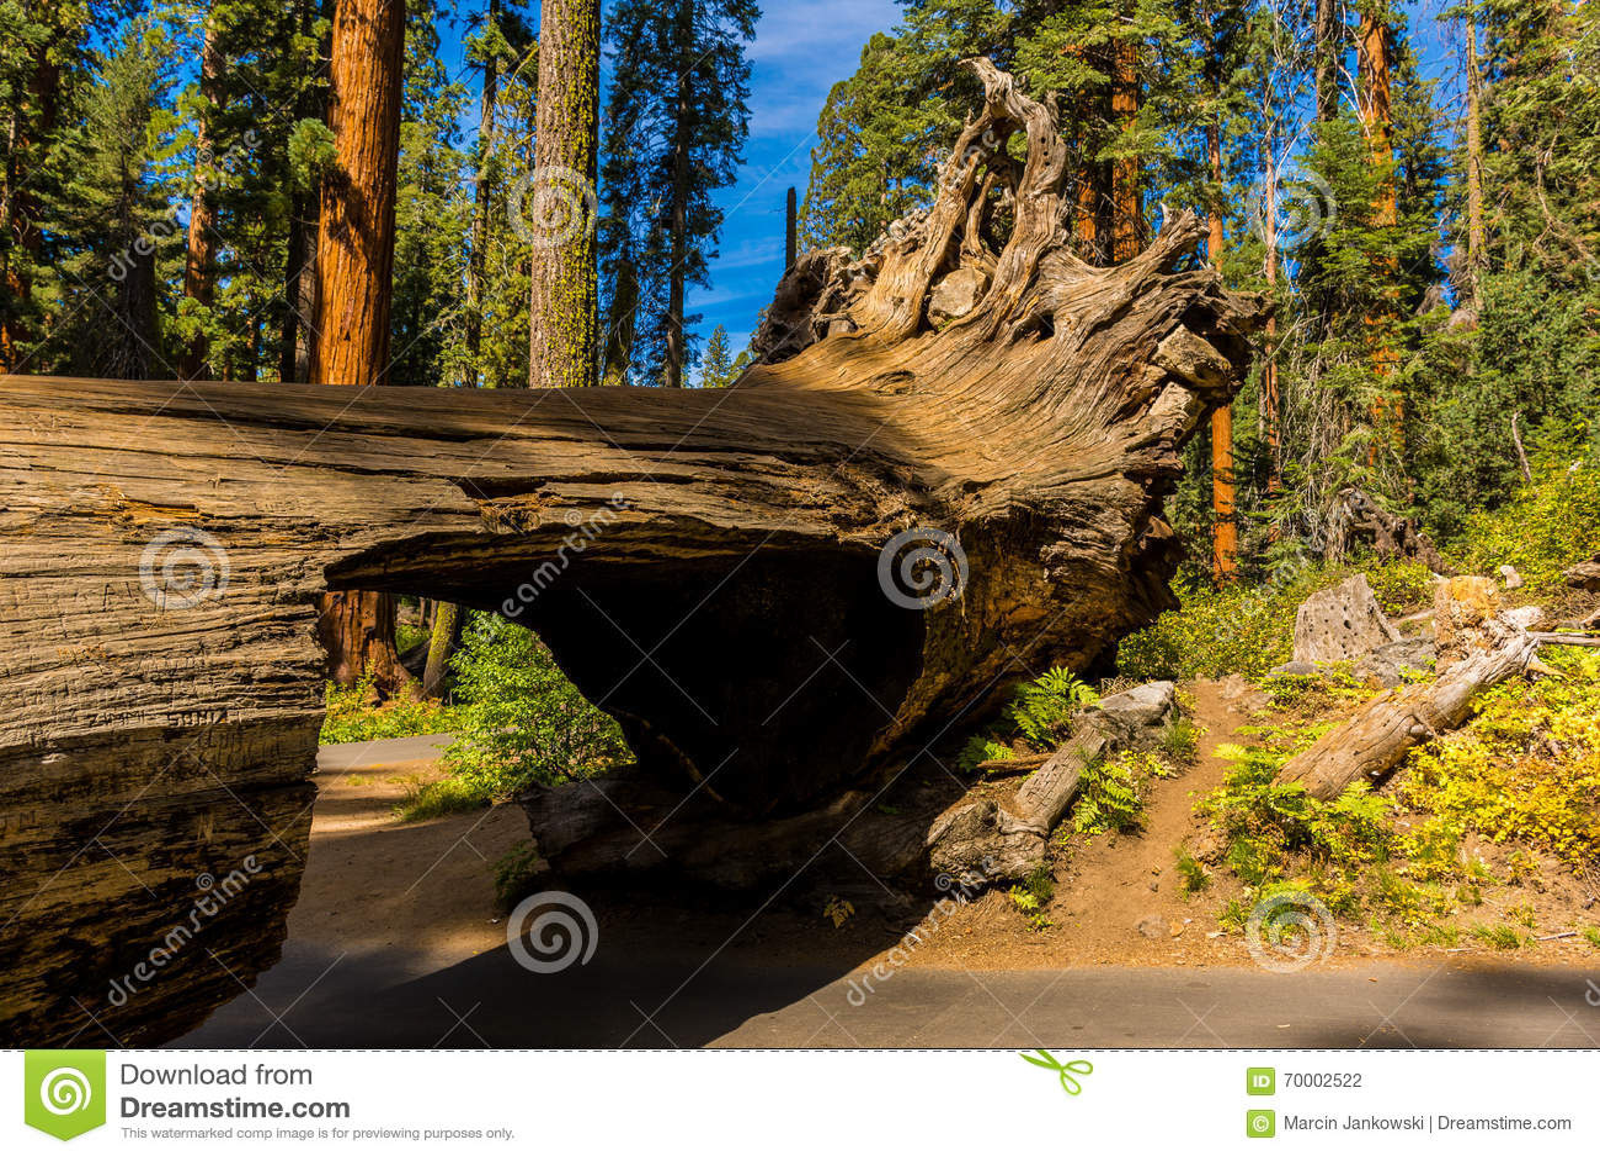 Tunnel-Klotz, riesiger Wald, Kalifornien USA